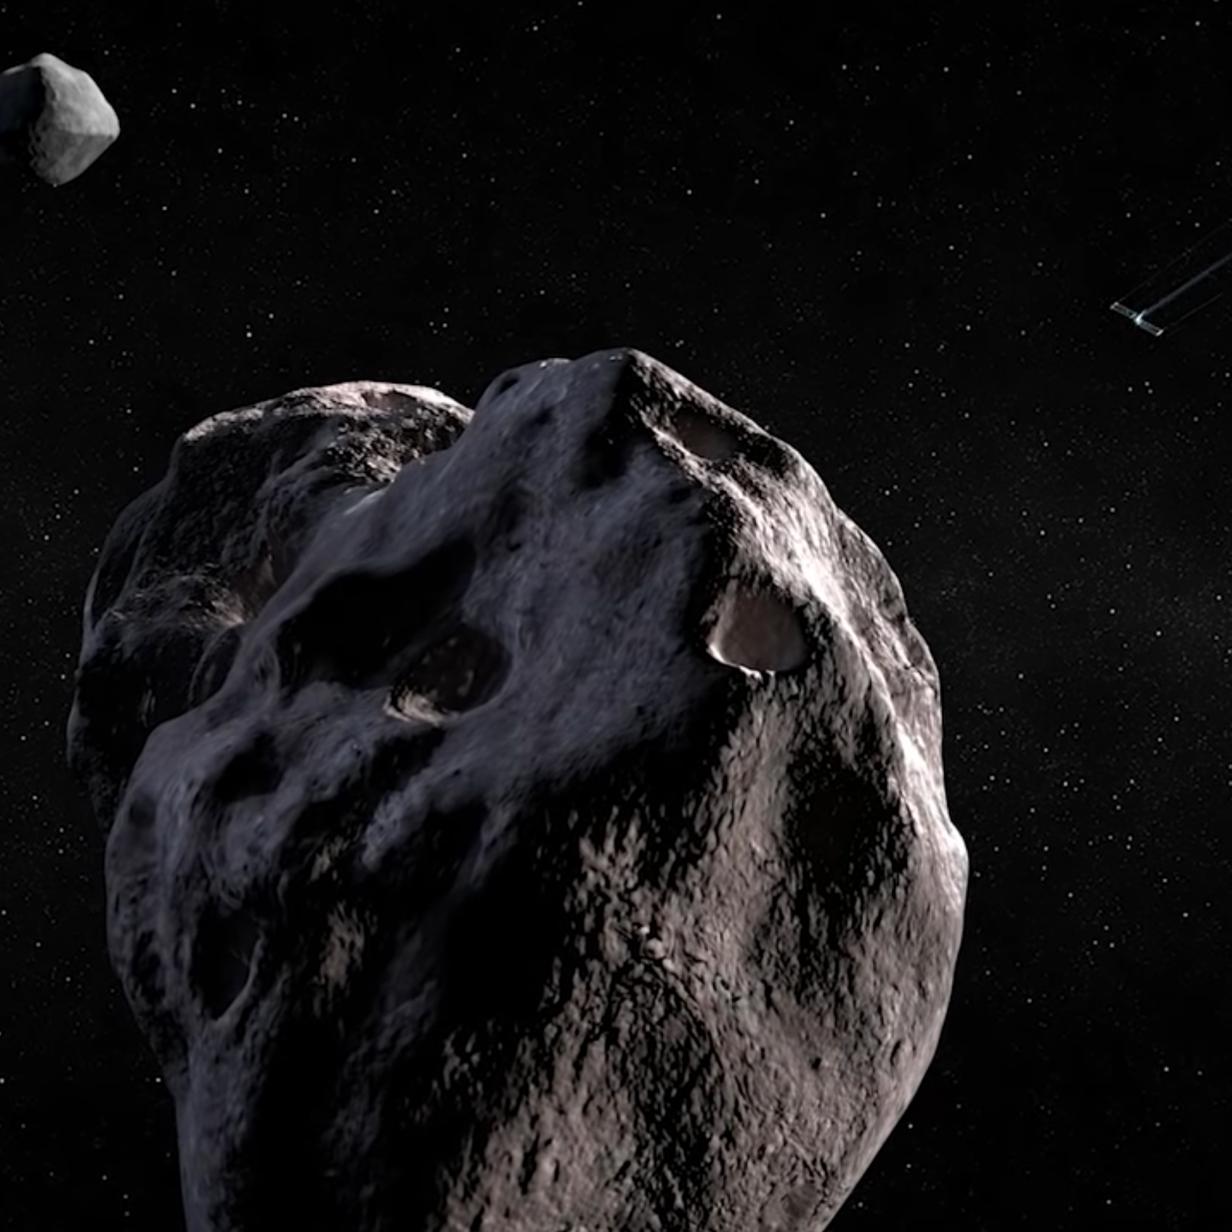 SpaceX hilft NASA einen Asteroiden zu crashen